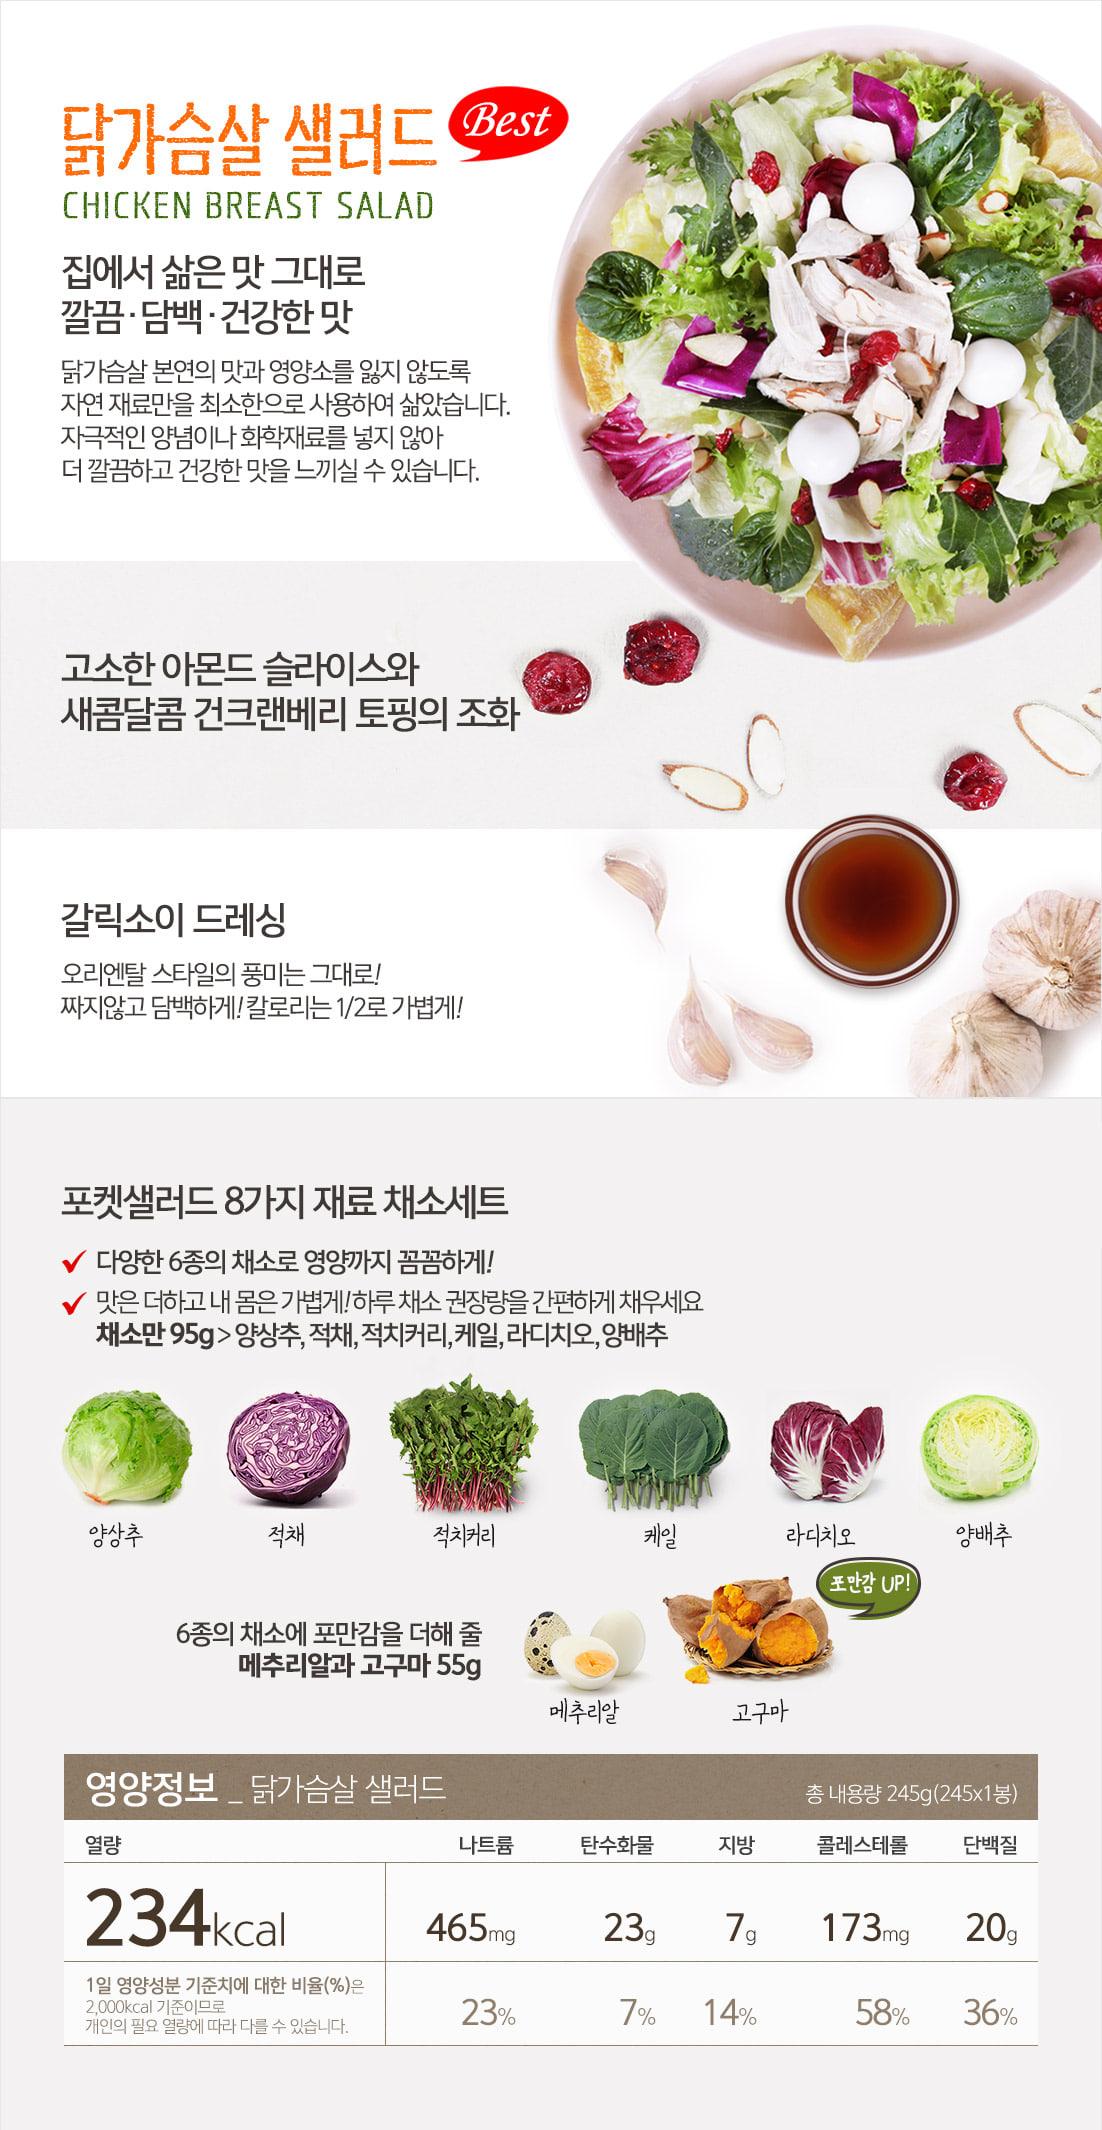 닭가슴살상세페이지_영양정보